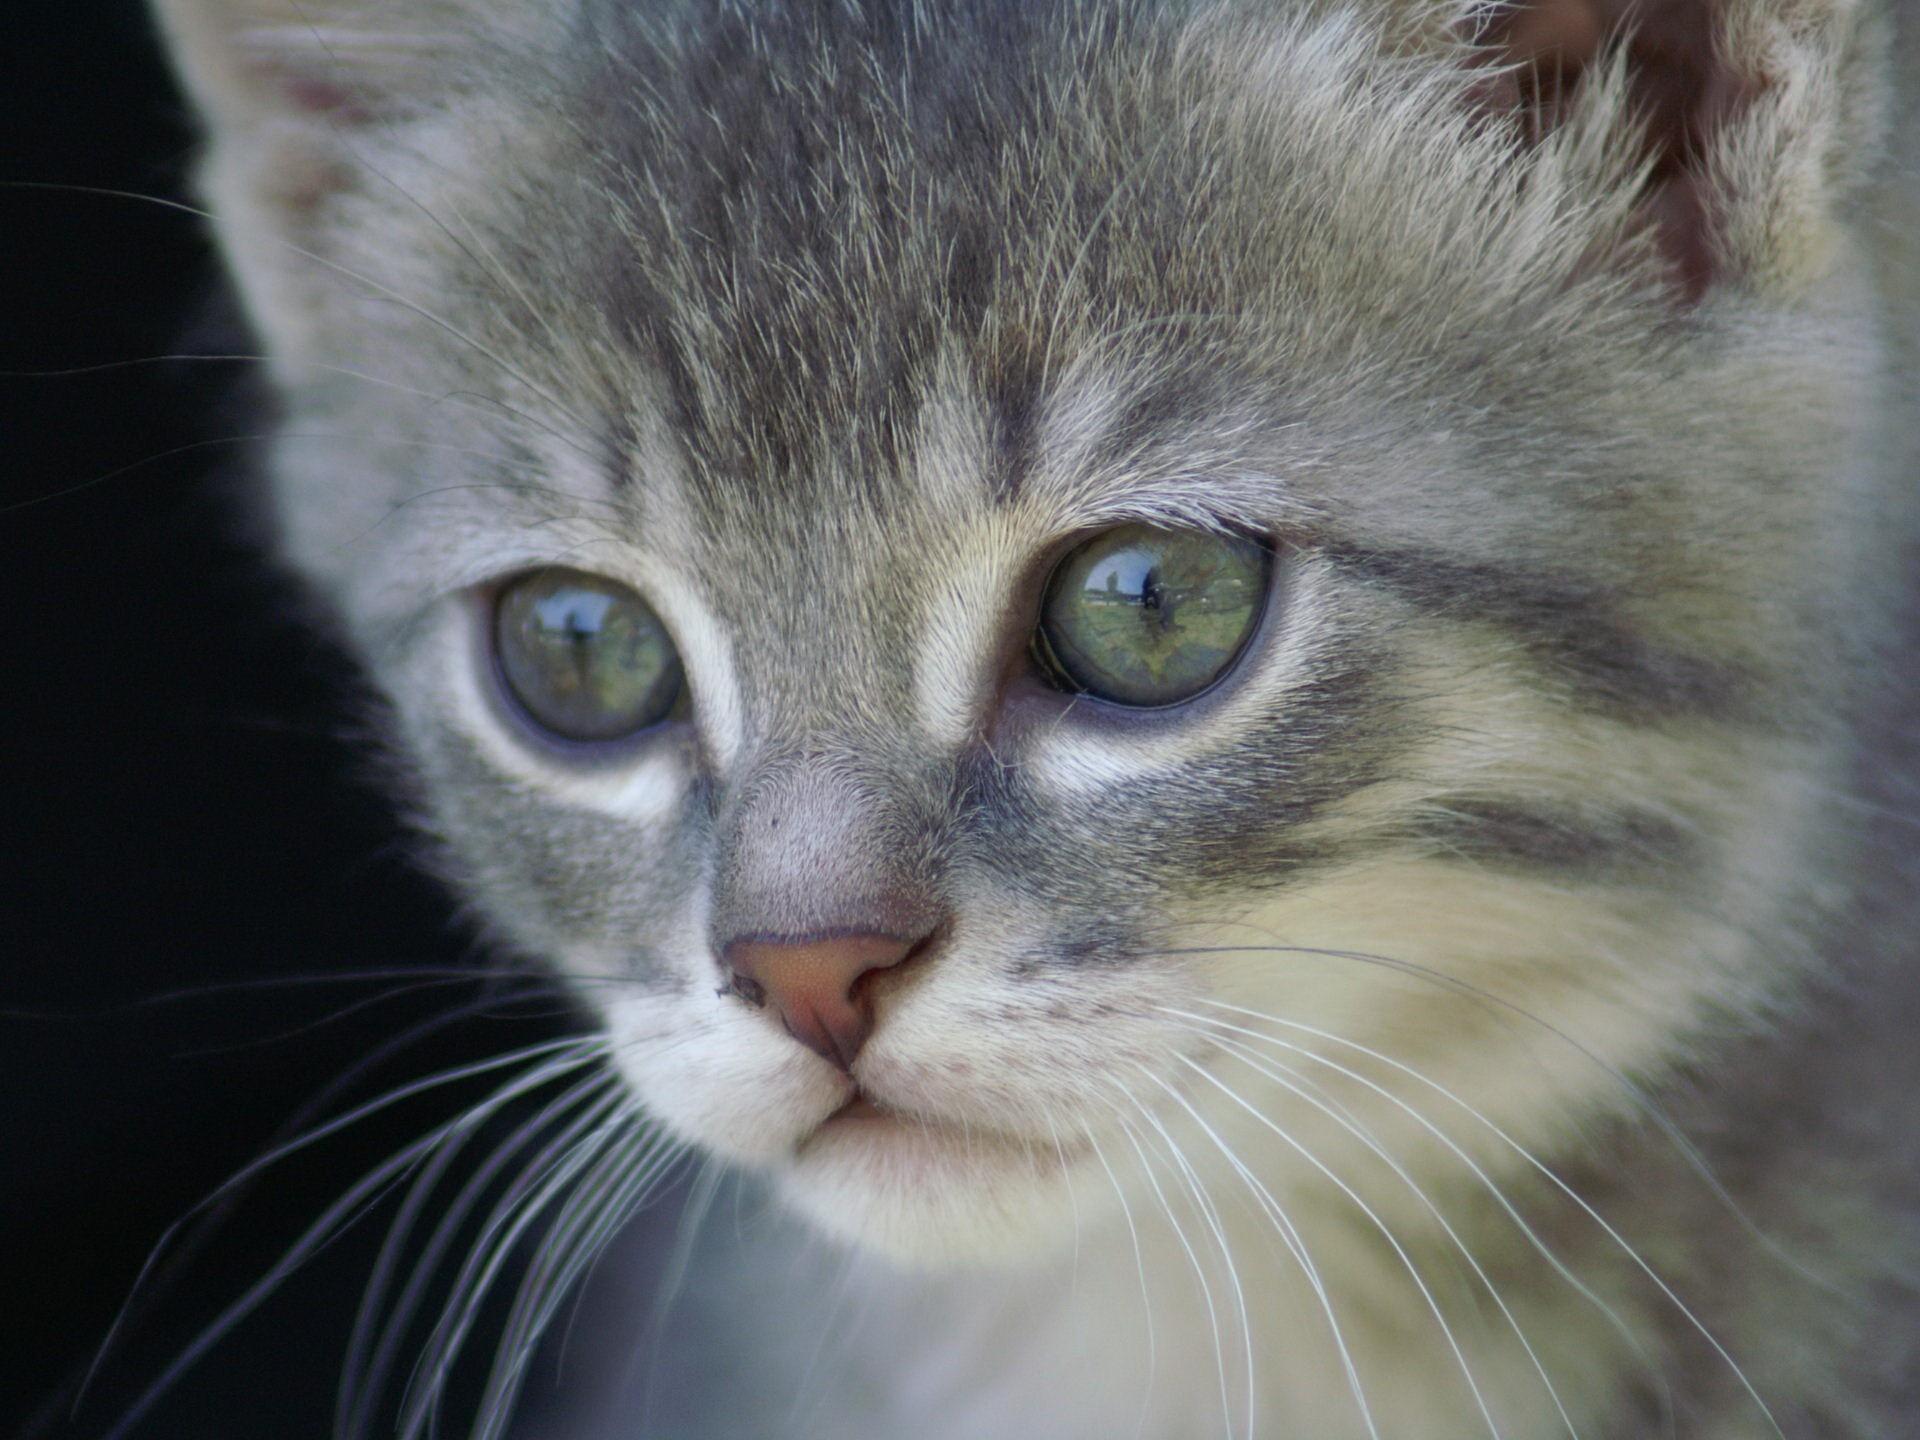 котенок дымчатый kitten smoky  № 2344422 загрузить